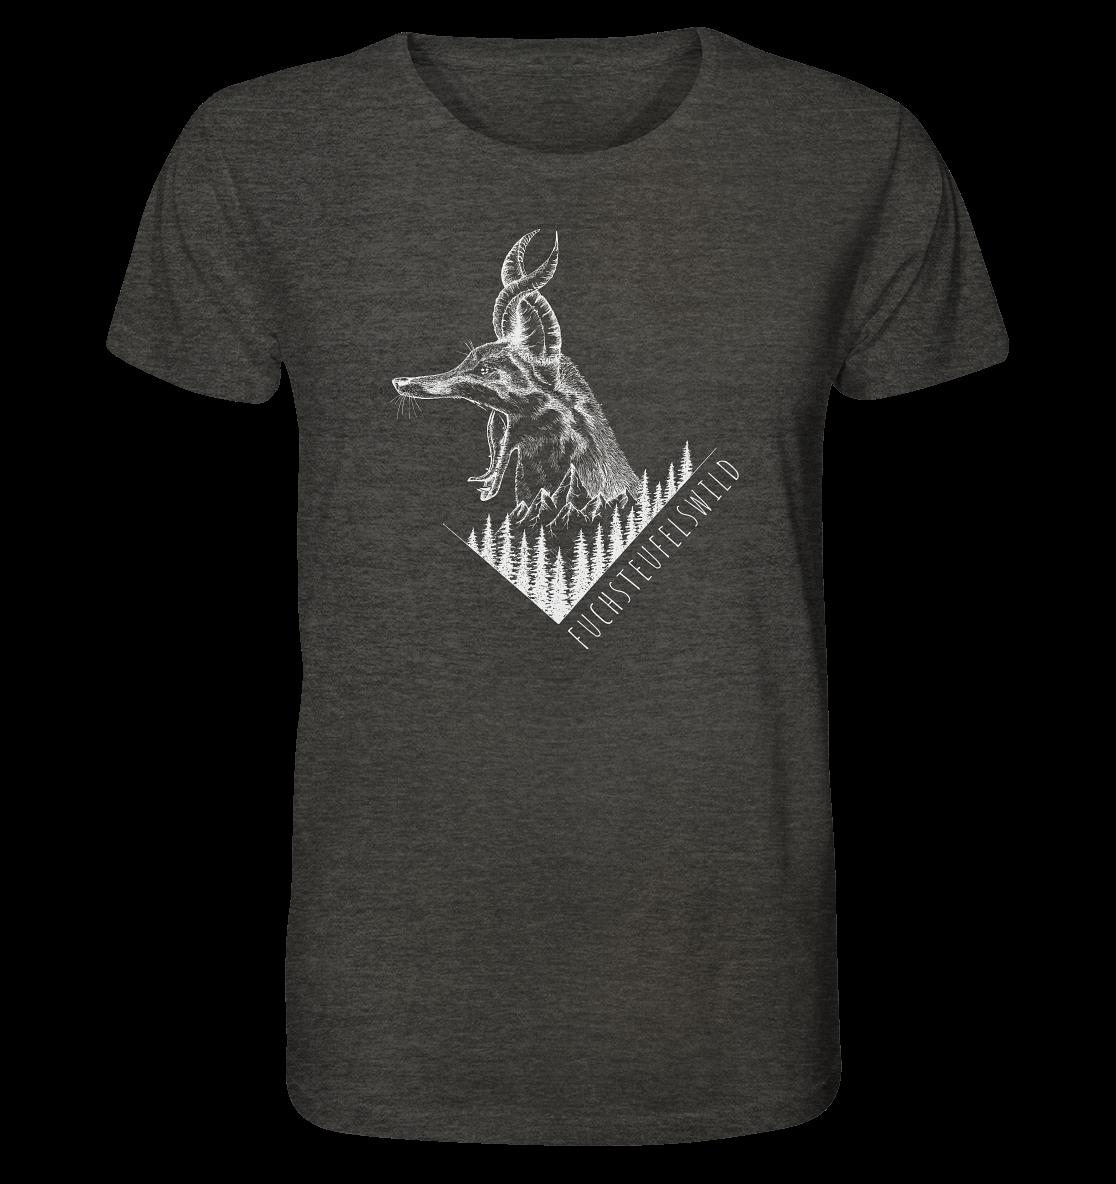 front-organic-shirt-meliert-252625-1116x-3.png